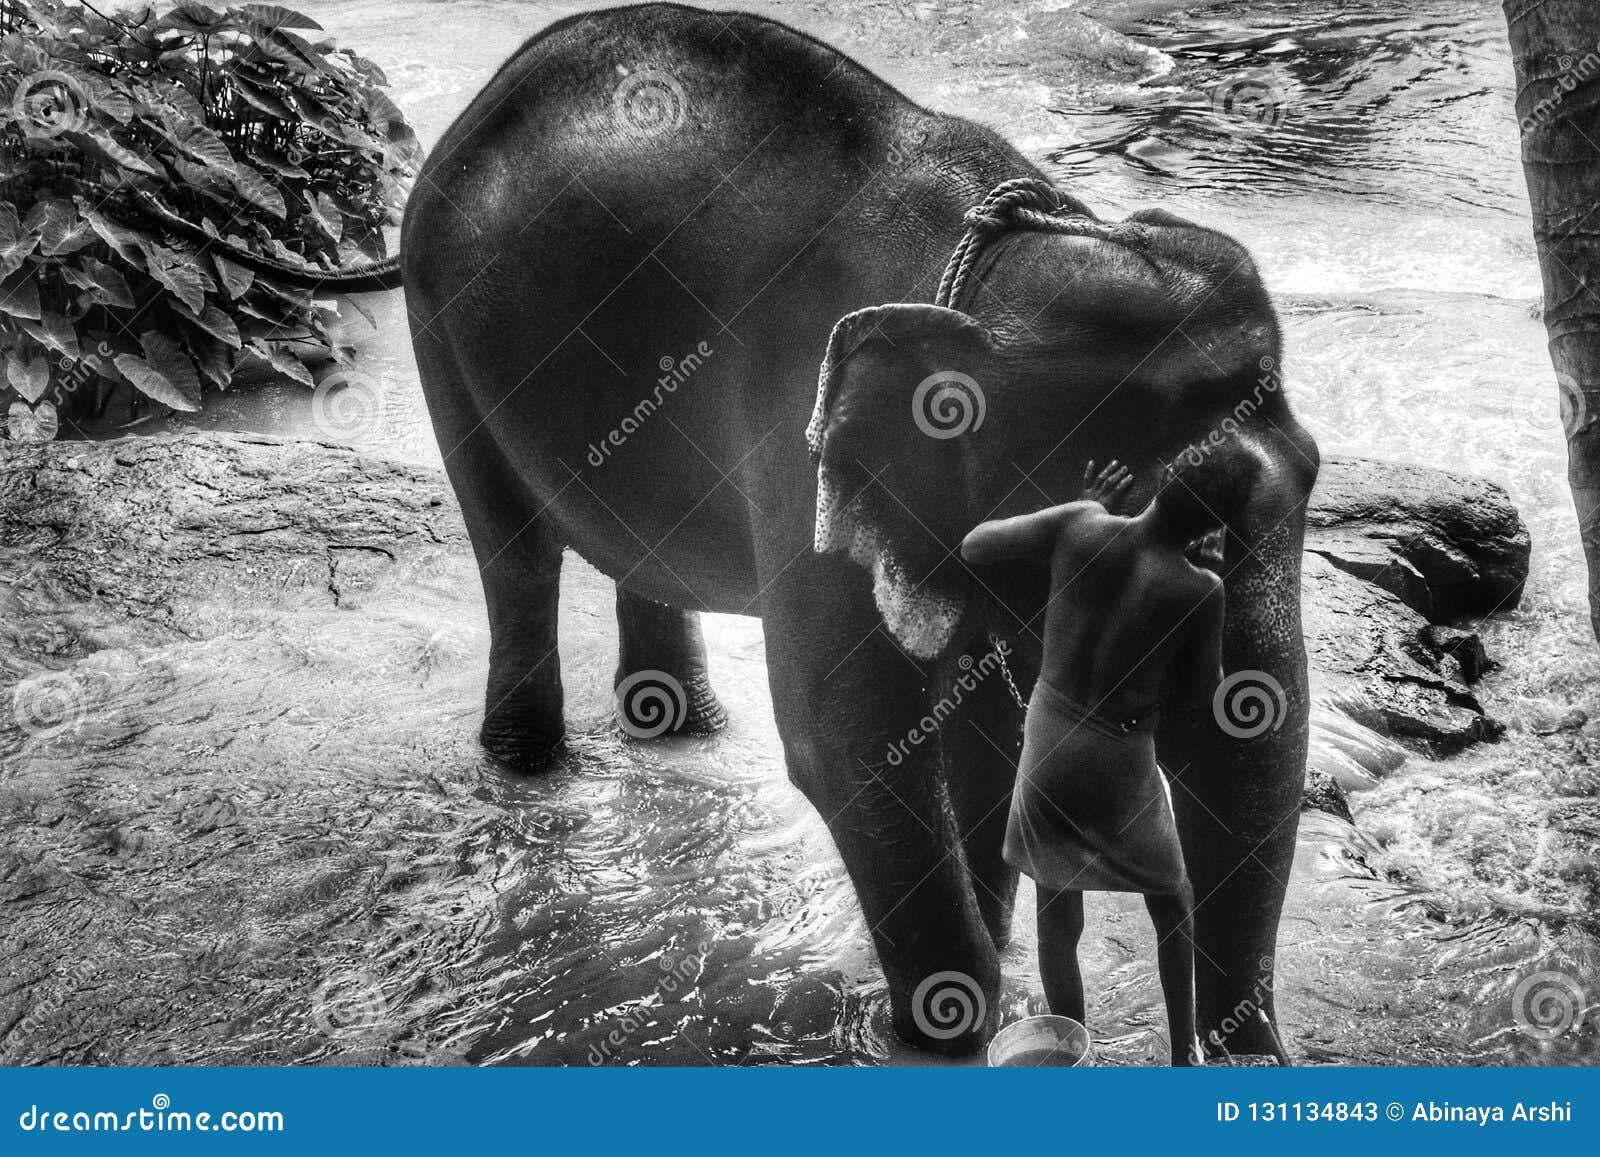 Black and white Elephant bathing